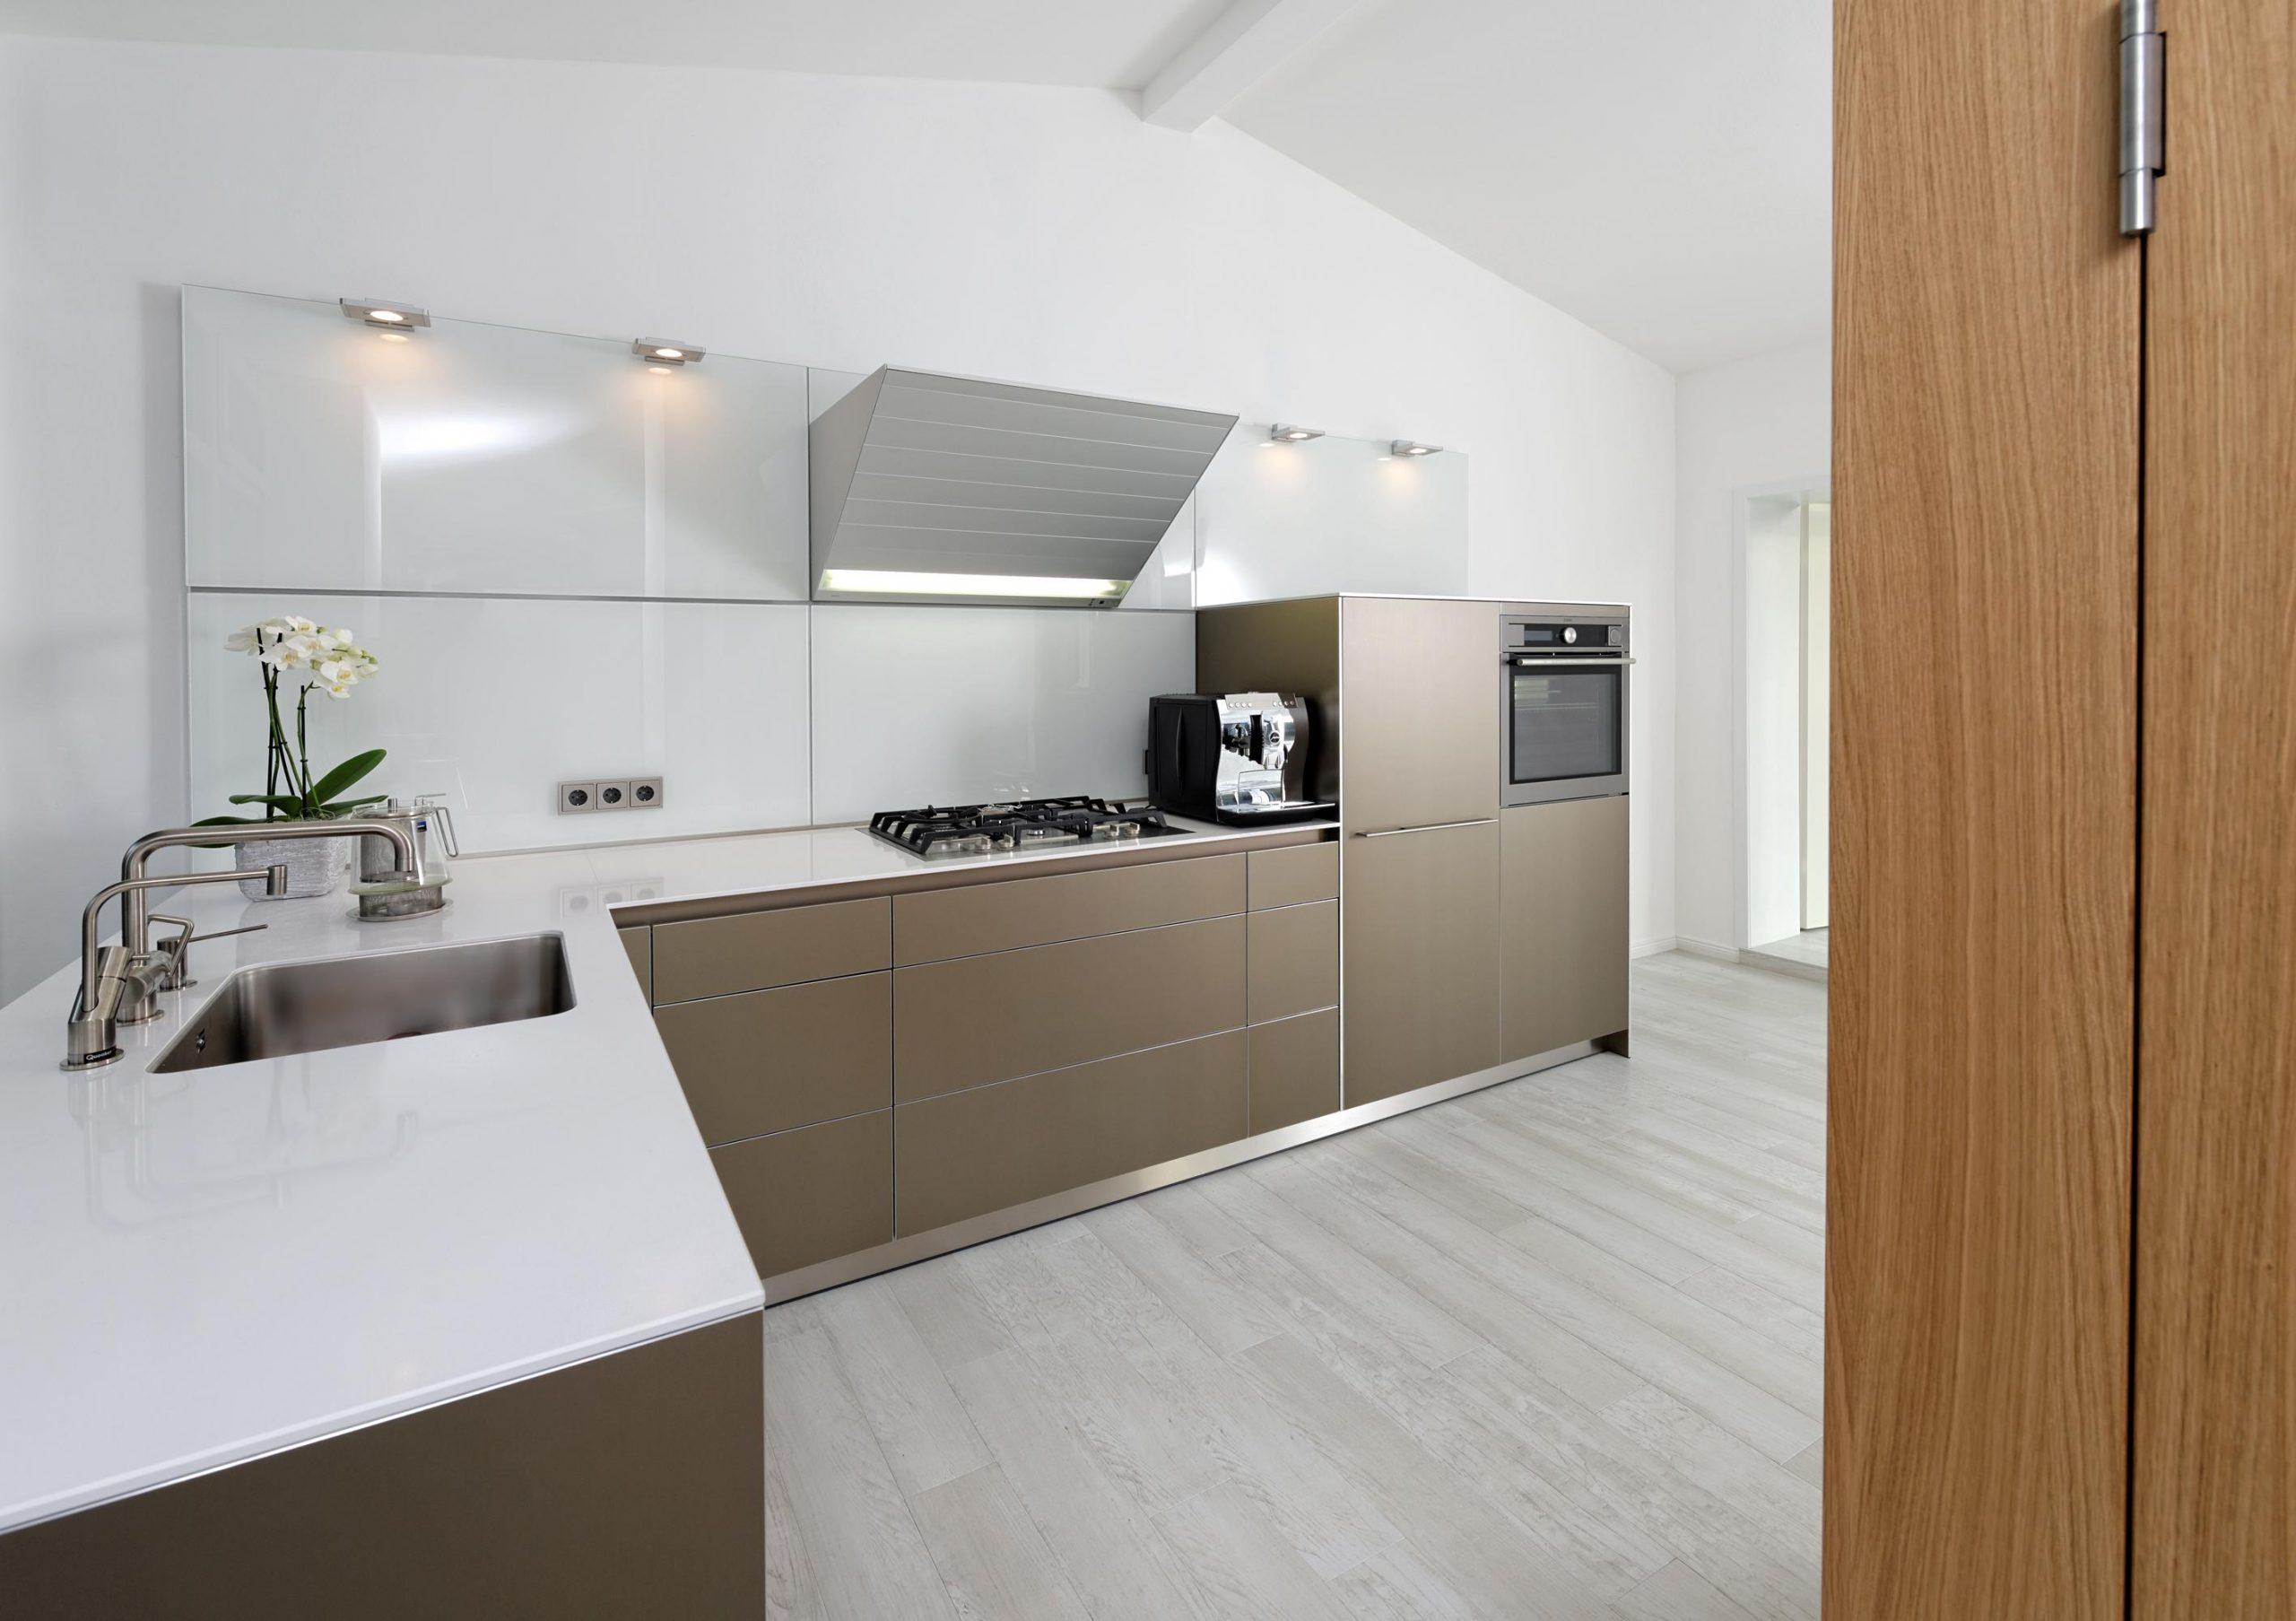 Full Size of Küche Ohne Geräte Preis Nobilia Küche Ohne Geräte Küche Ohne Geräte Günstig Kaufen Was Kostet Eine Küche Ohne Geräte Küche Küche Ohne Geräte